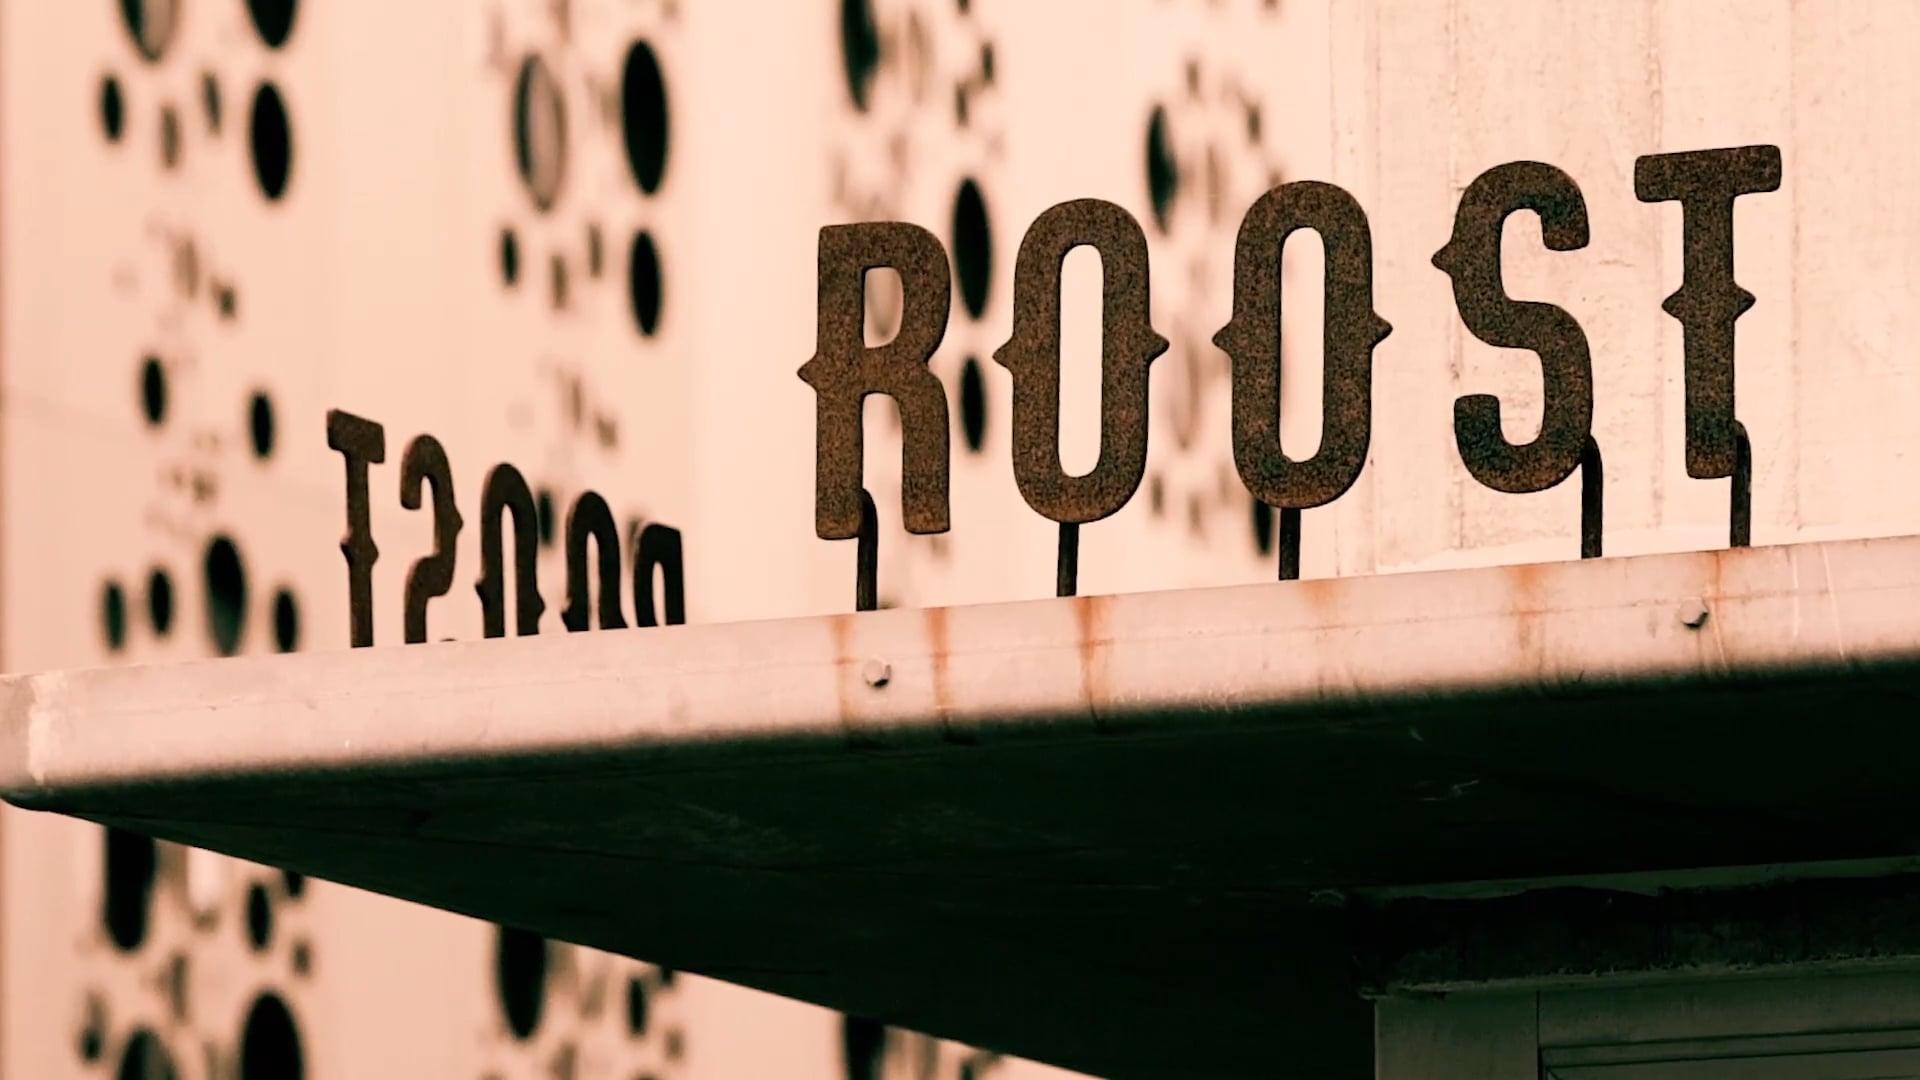 Roost Long Level 2 01 v1